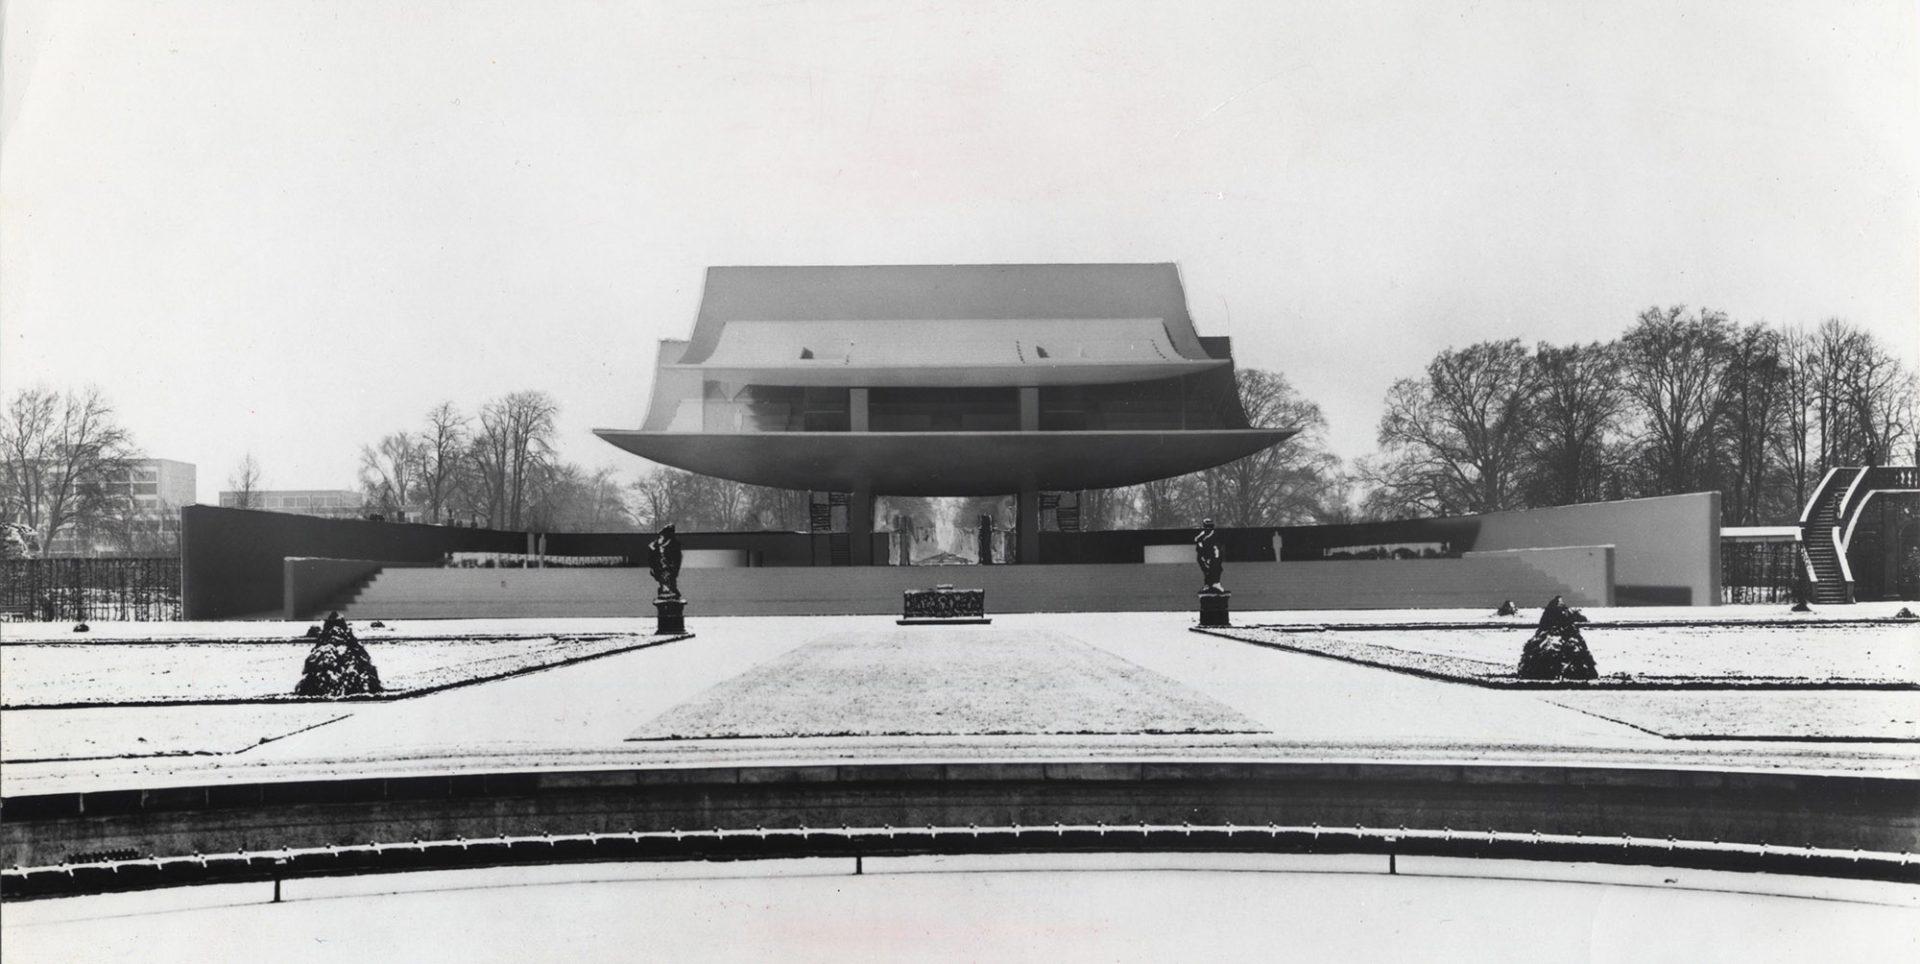 Bella Vista, 1964. Jacobsens Bella Vista sollte das weithin sichtbare Tor und der betonte Auftakt zum Großen Garten werden. Der Weg führte unter der riesigen Skulptur hindurch in die Gartenanlage. Die obere Schale lag bis zu 23 Metern über dem Geländeniveau.